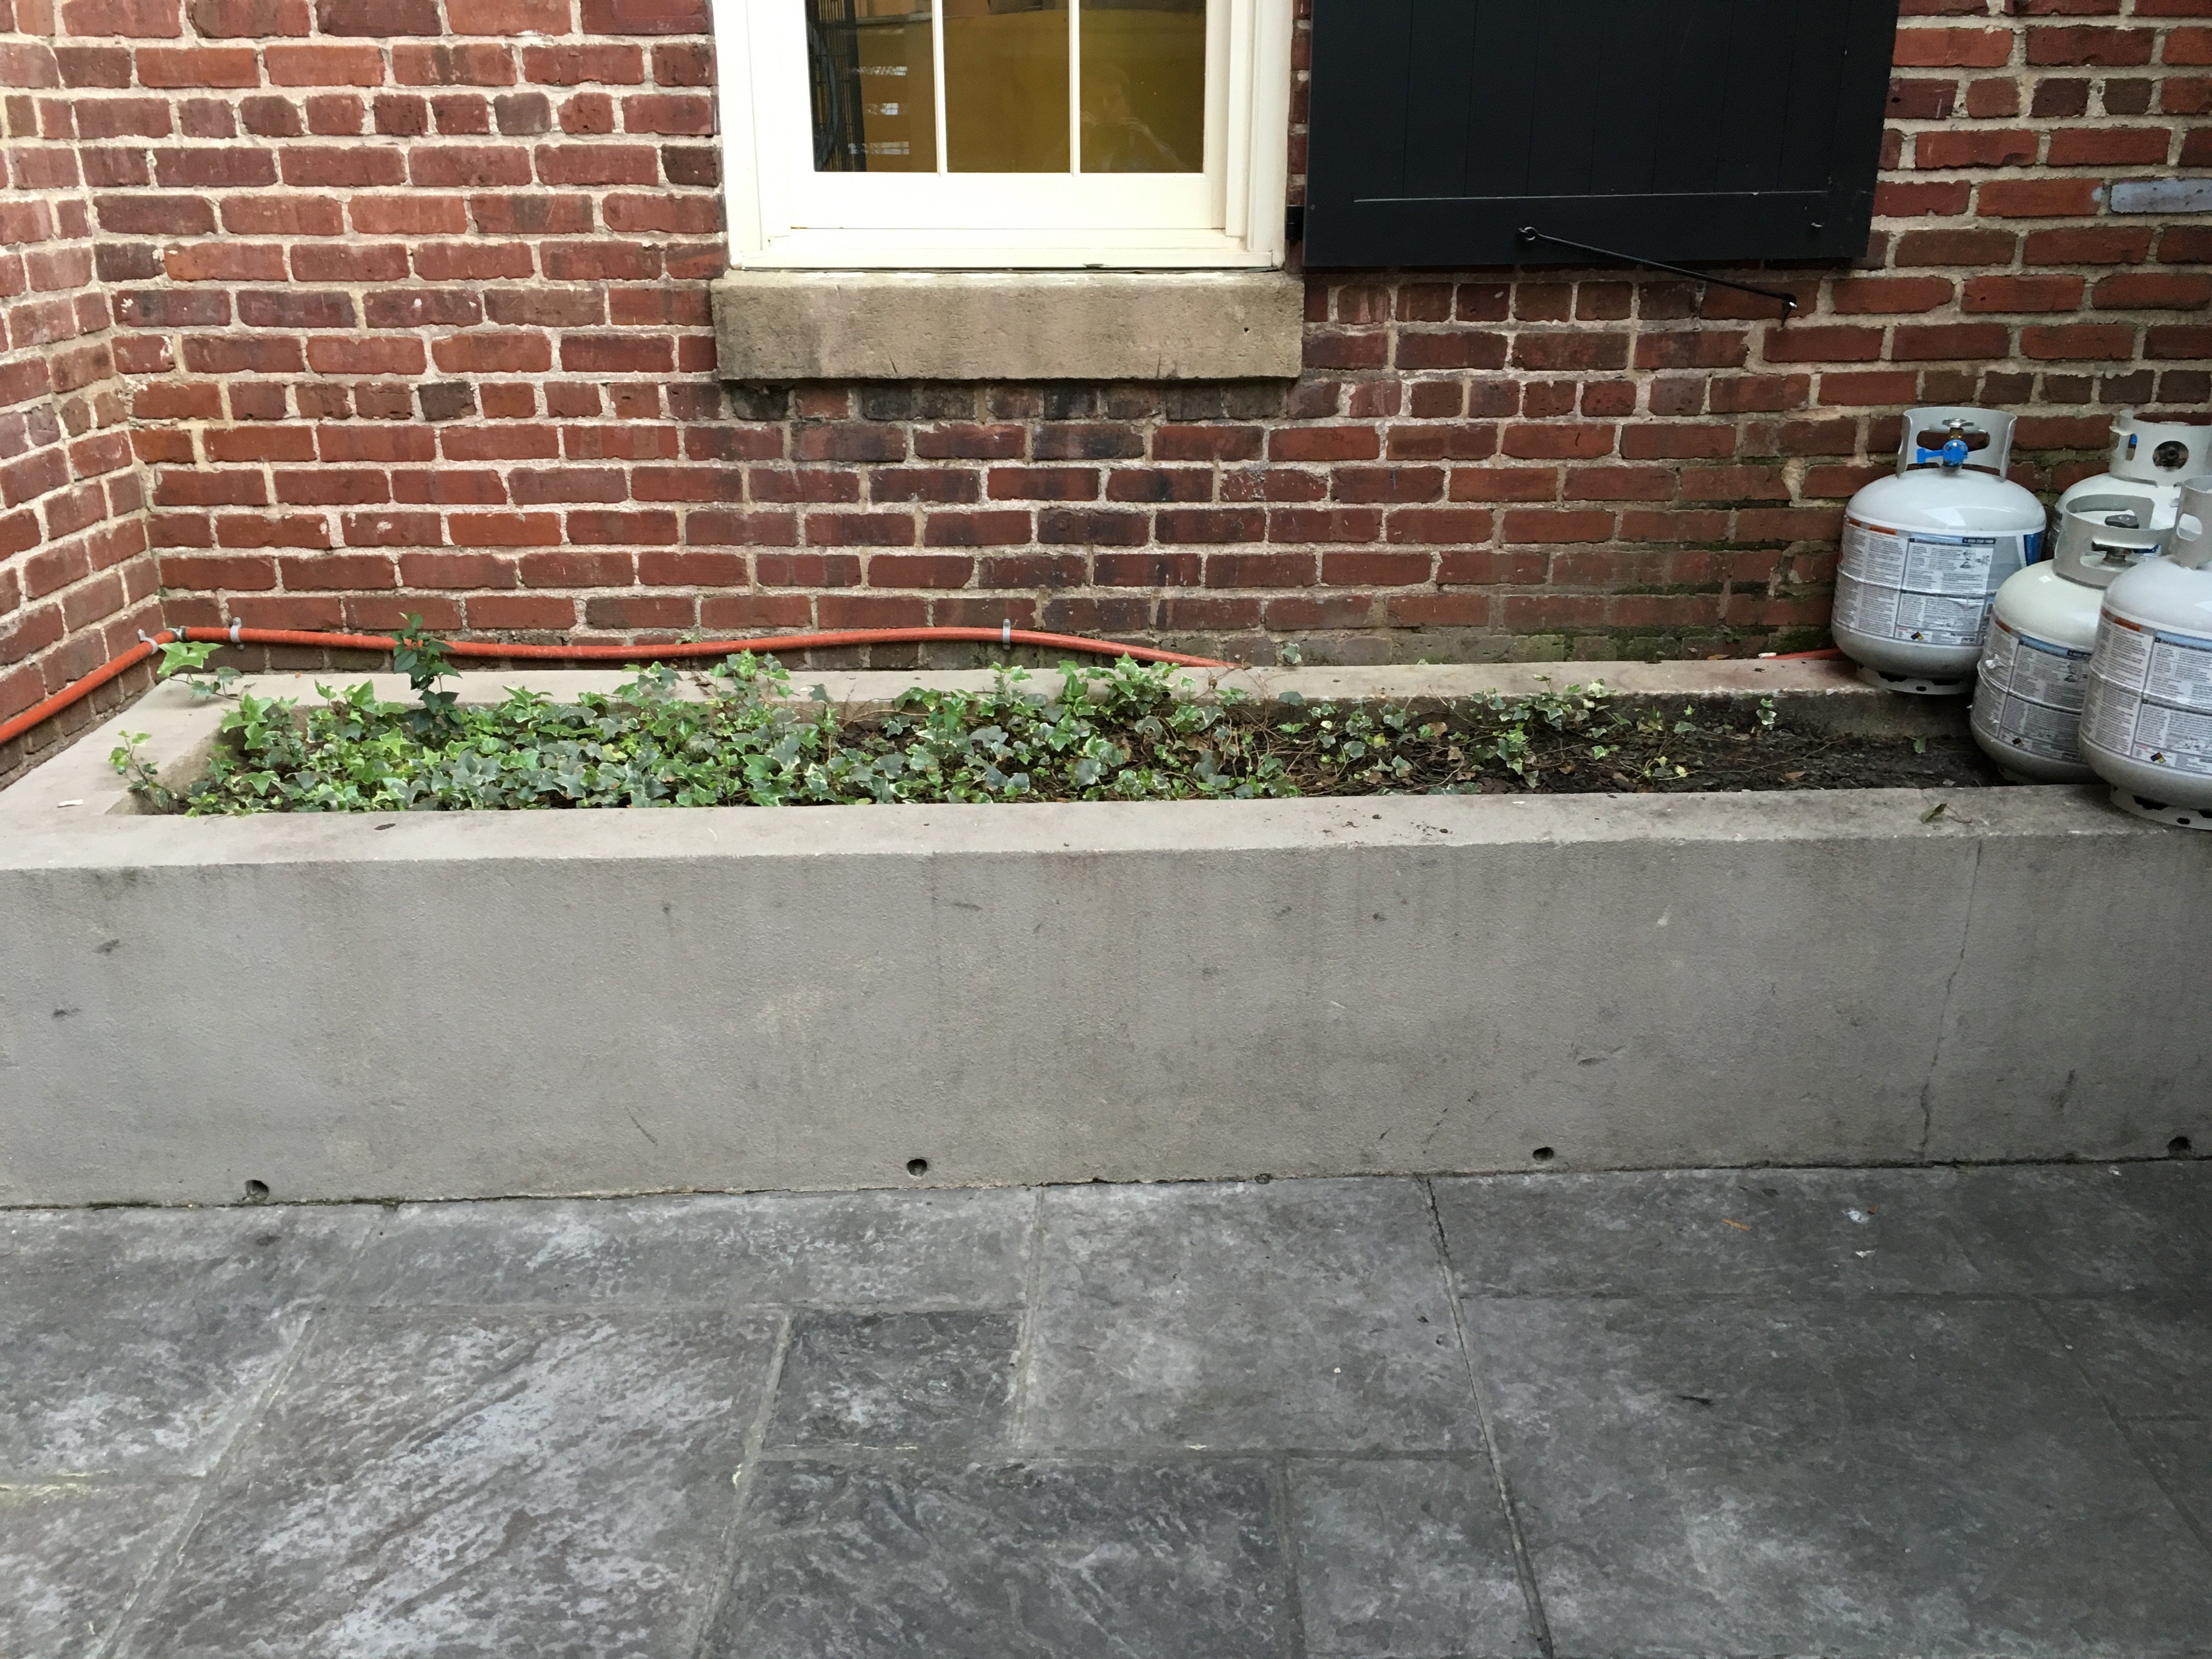 Charleston Residential Landscape Design Underutilization